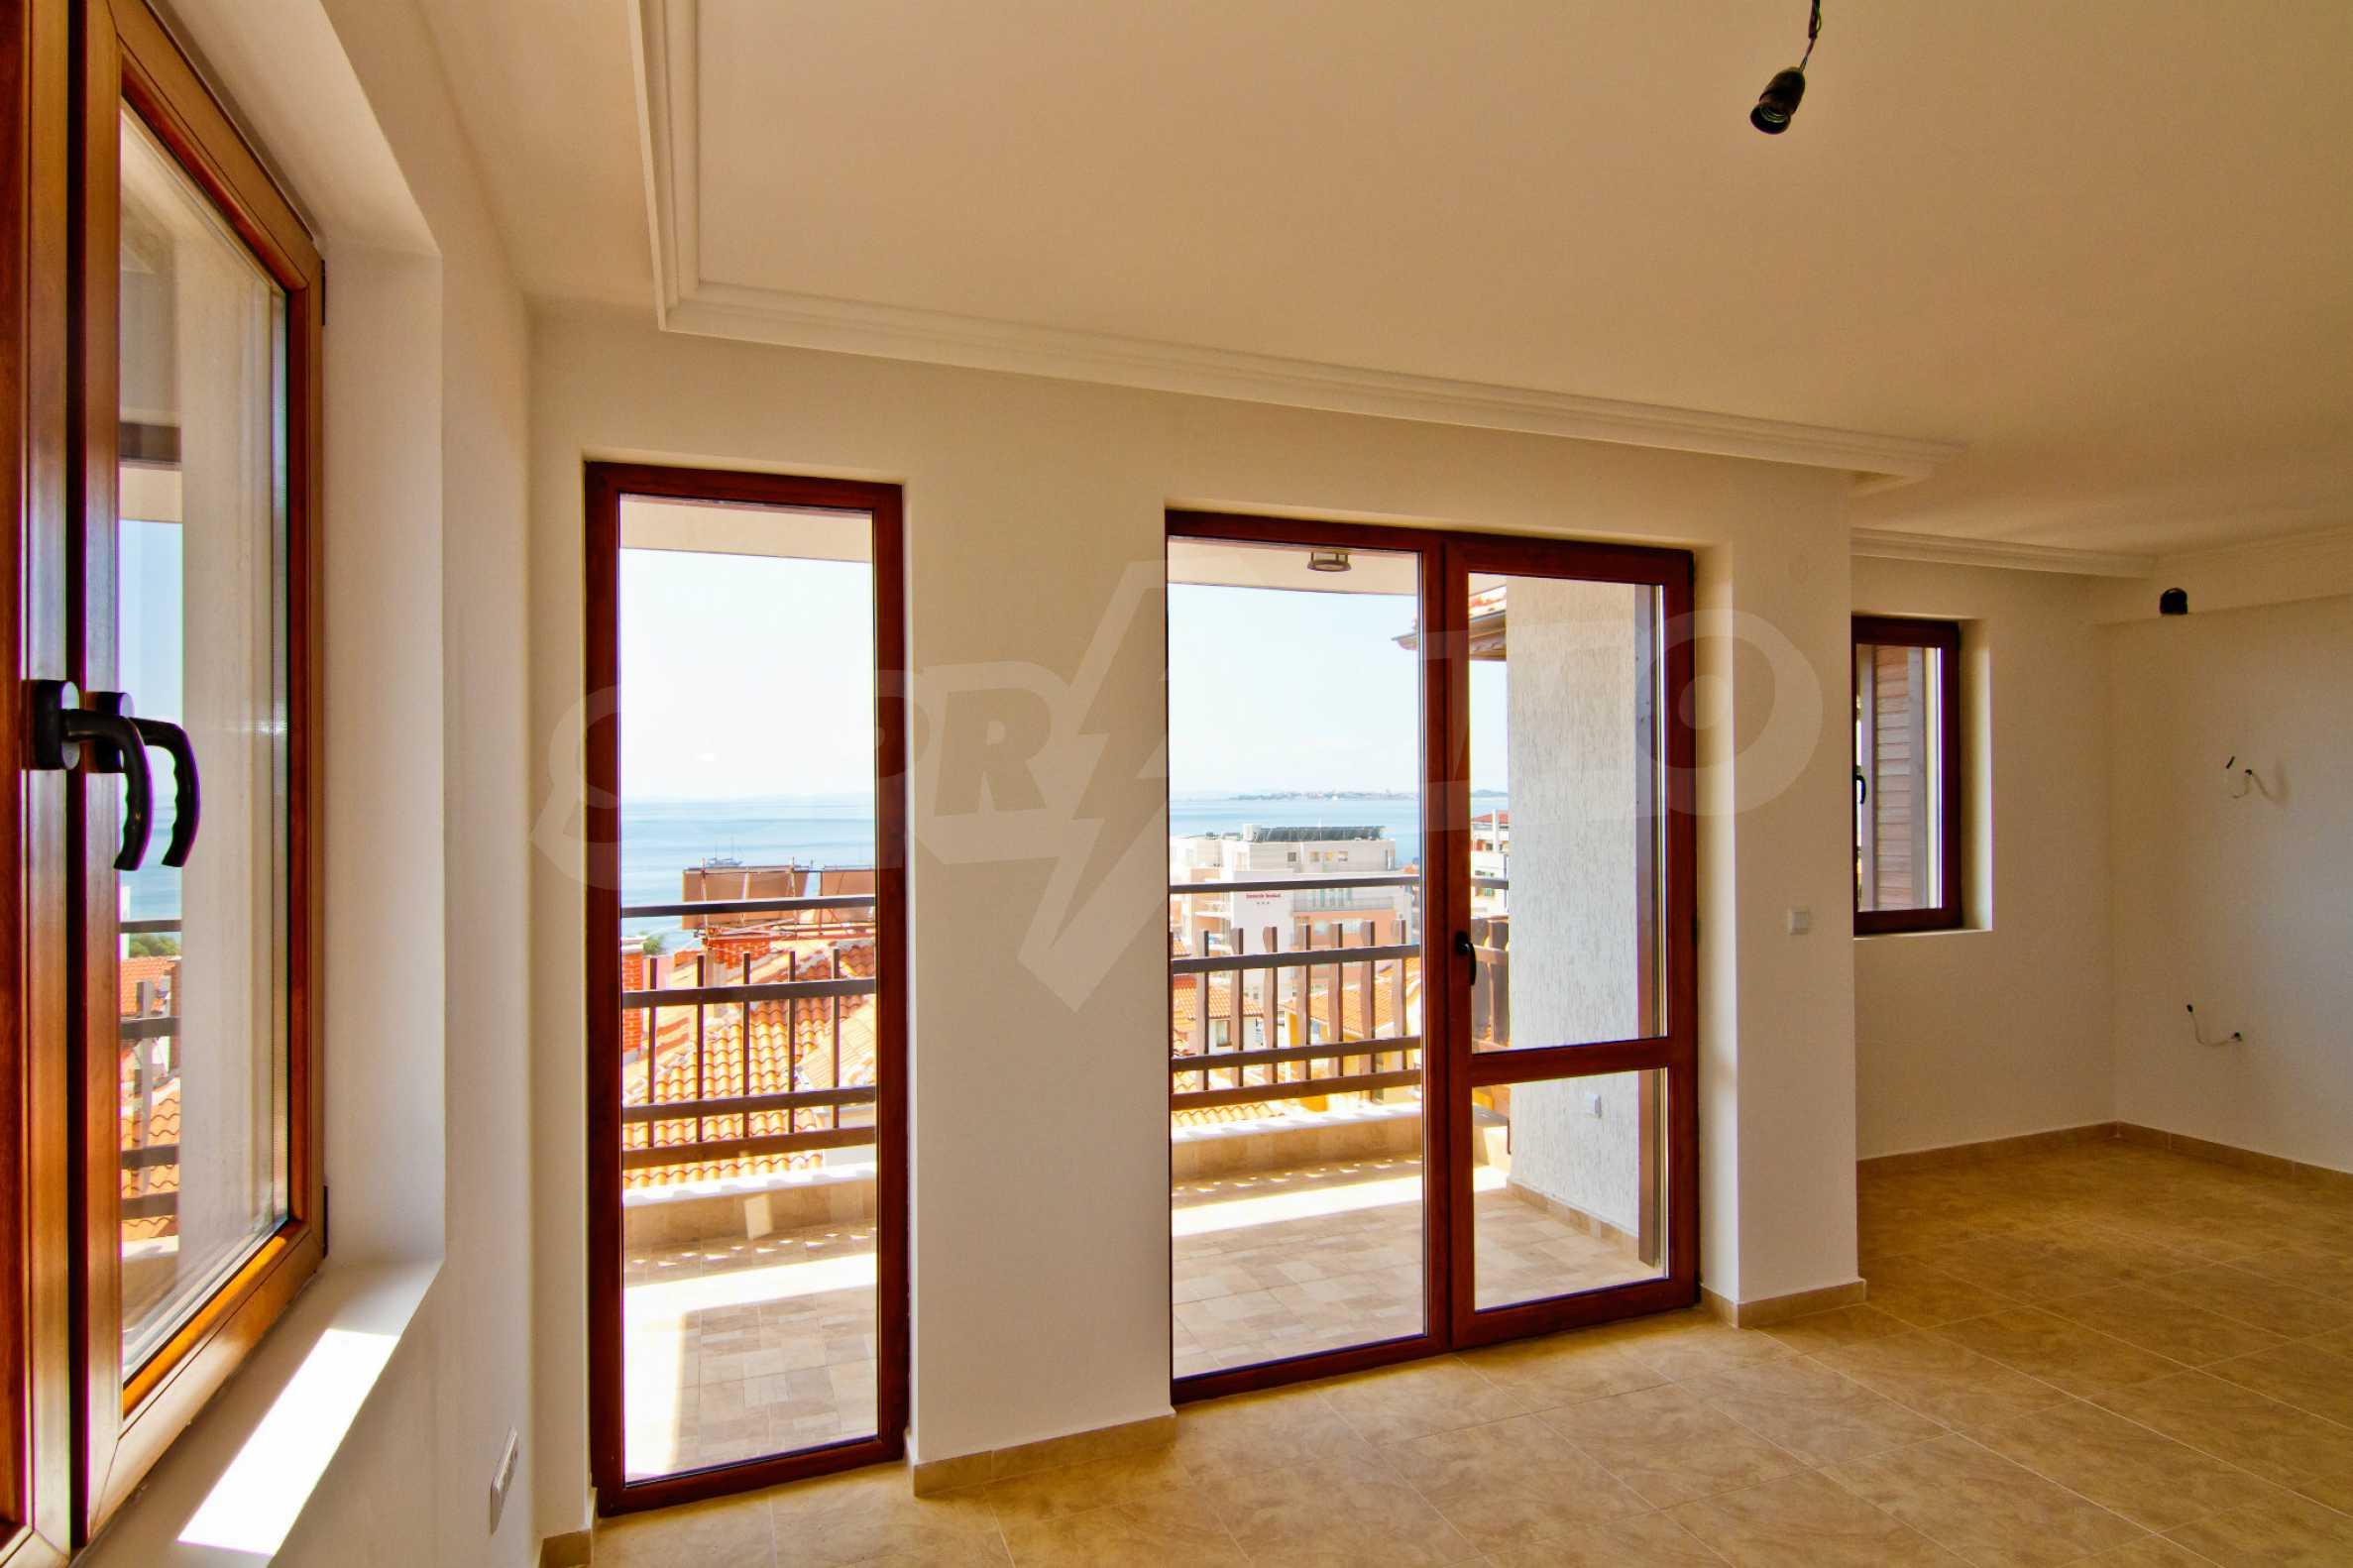 Exquisite Apartments in einer Ferienanlage in der Nähe von Central Beach 16